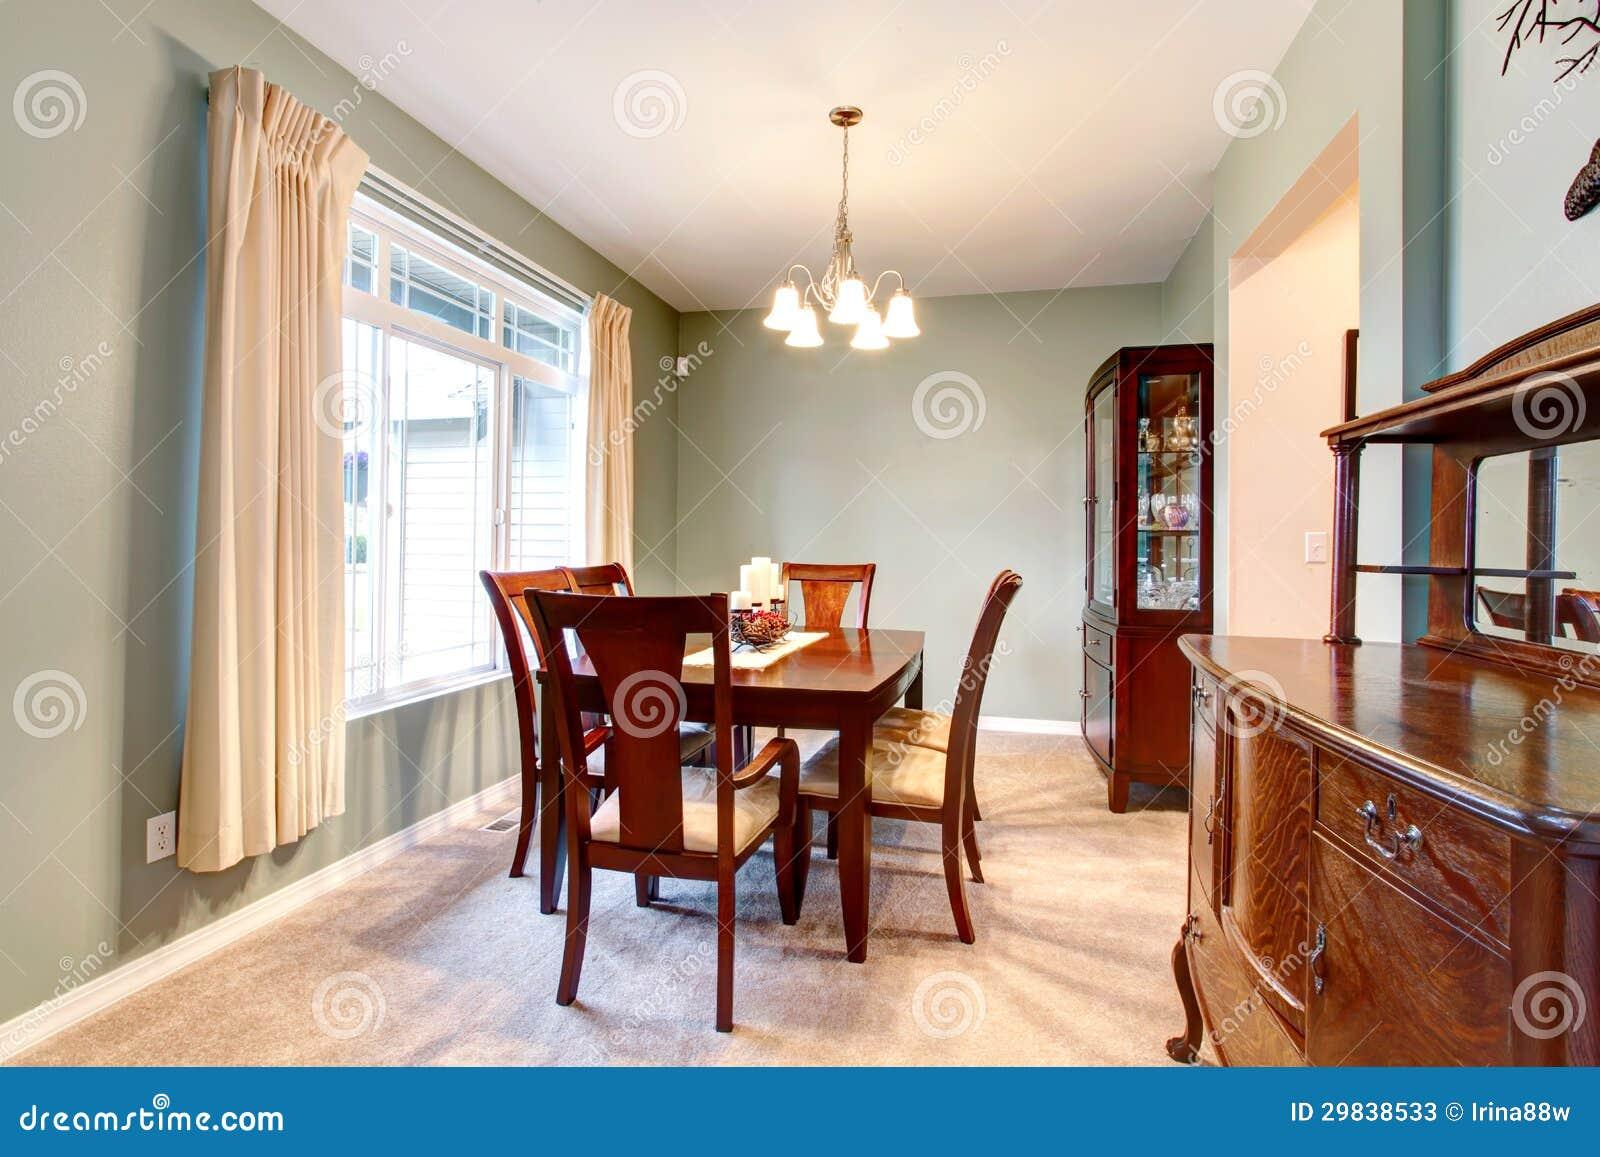 Interno verde della sala da pranzo con mobilia marrone classica immagine stock immagine 29838533 - Sala pranzo classica ...